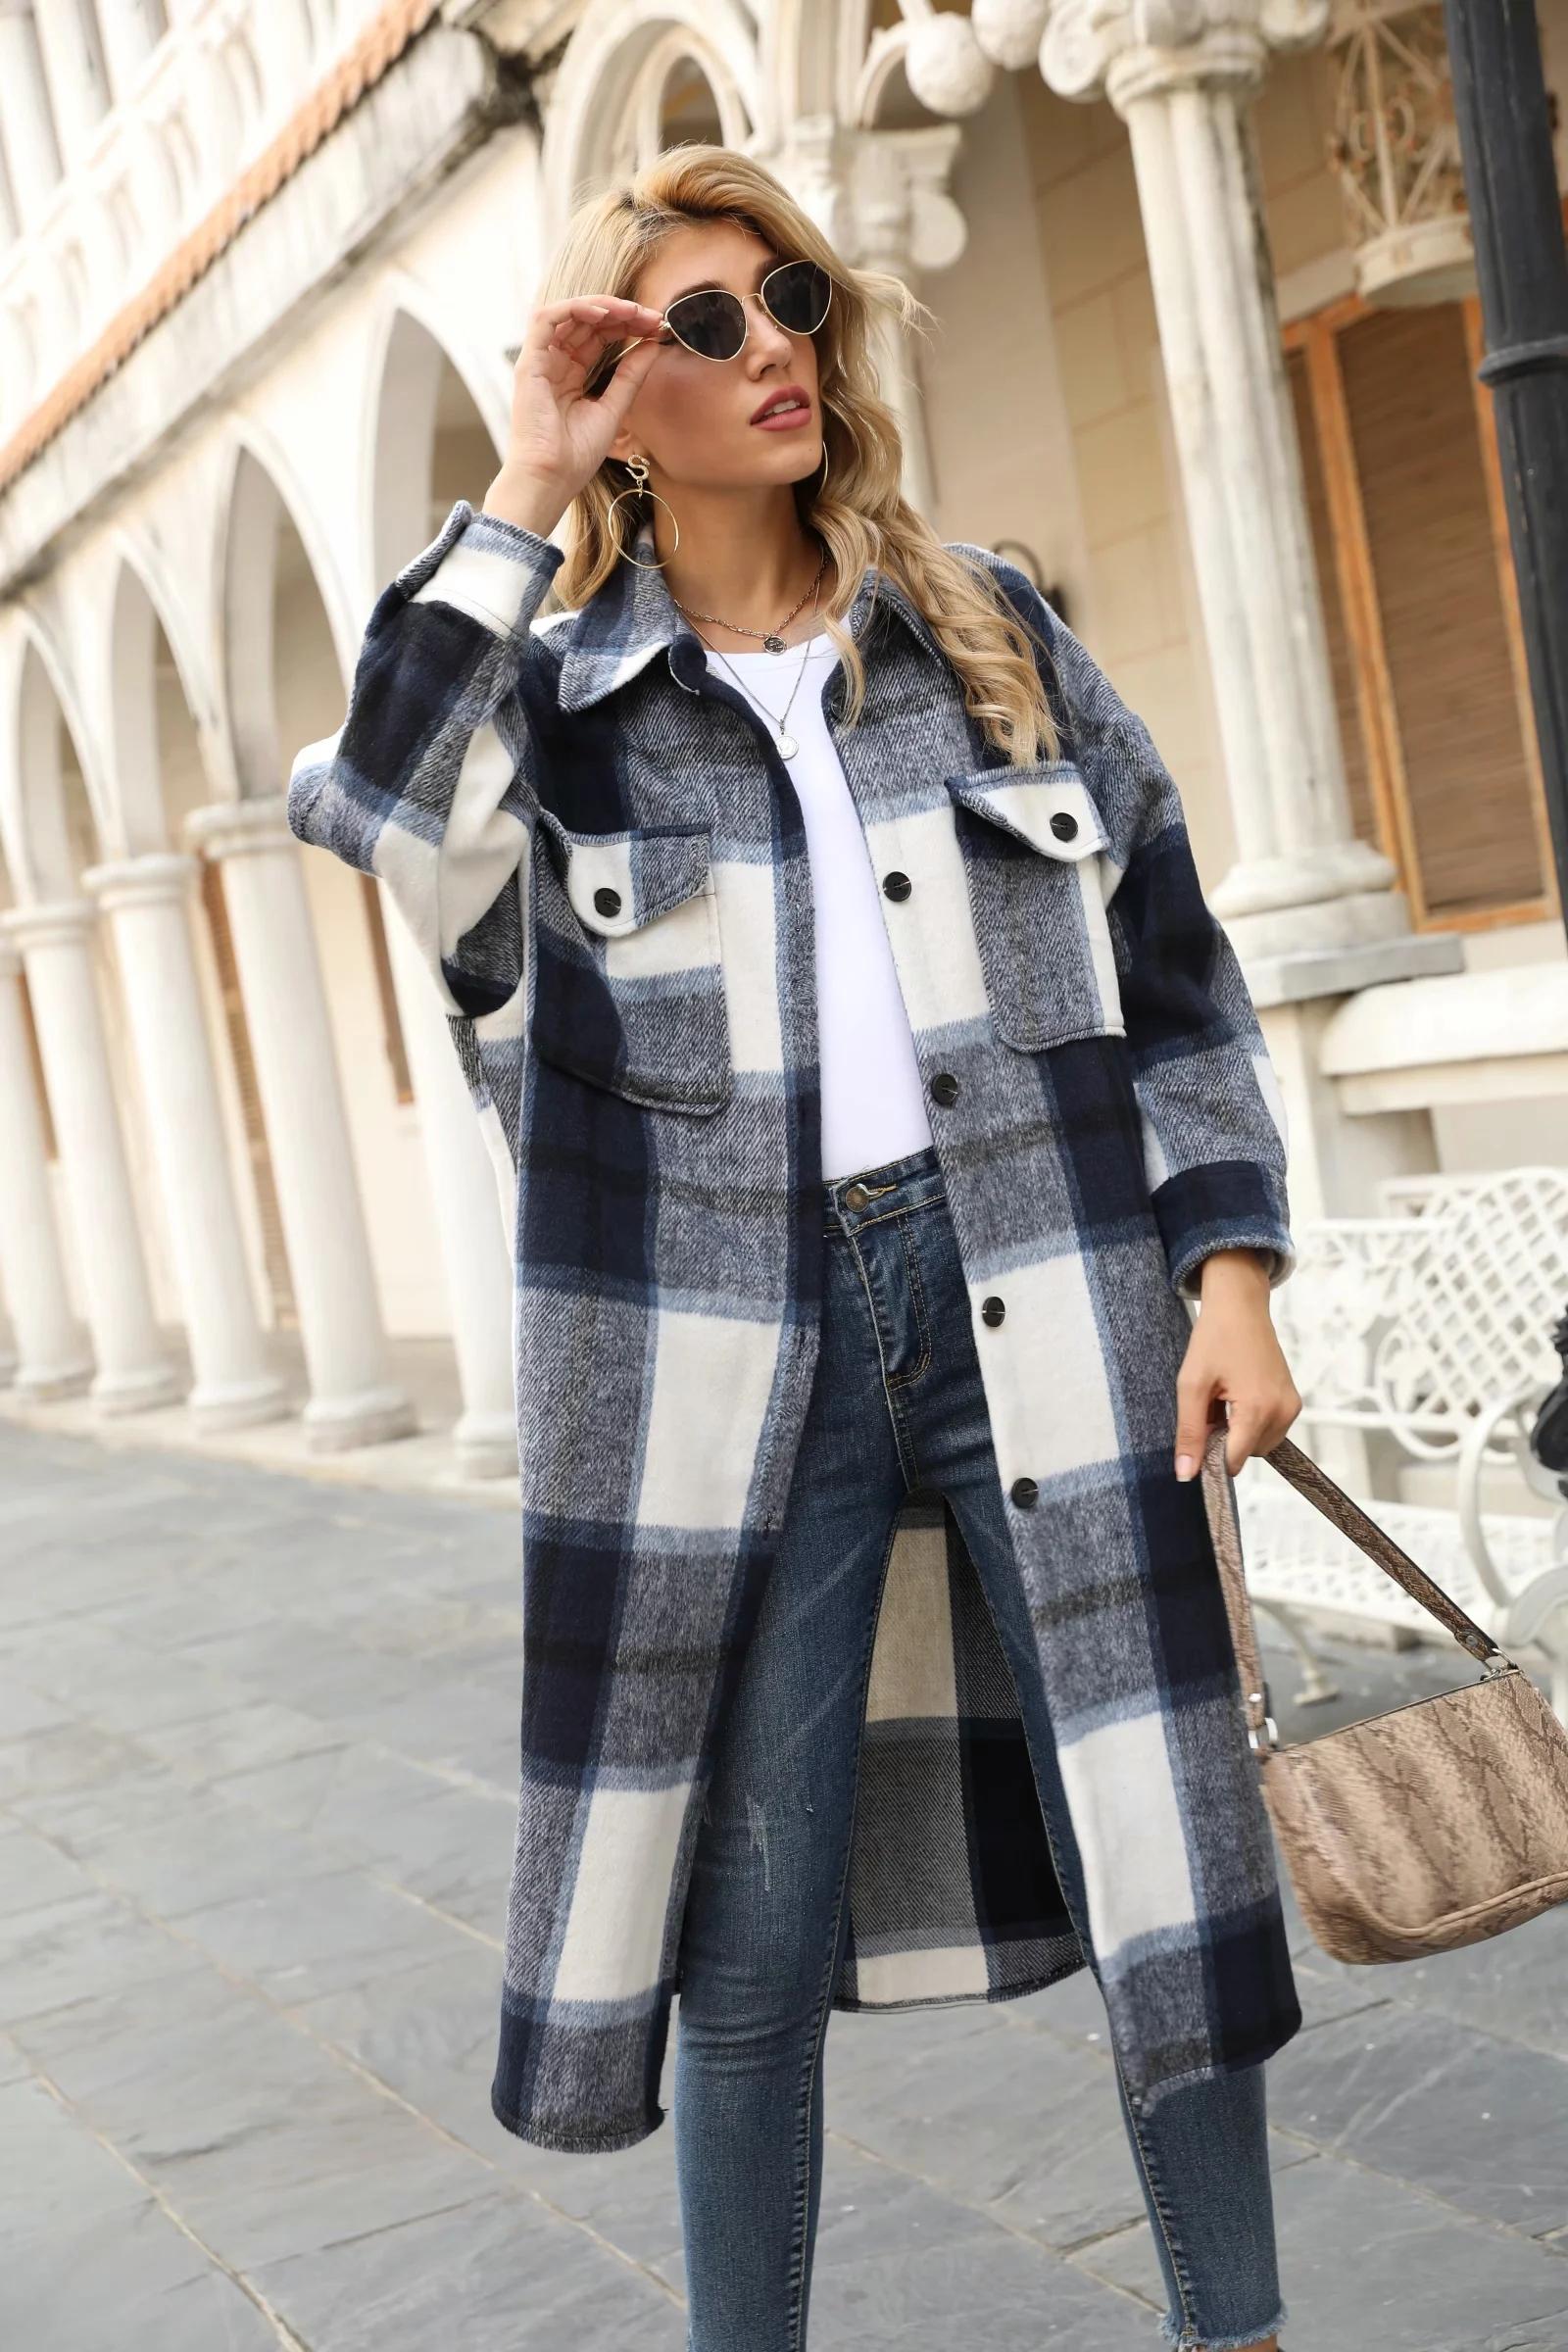 Gypsylady длинная клетчатая куртка пальто винтажное шерстяное